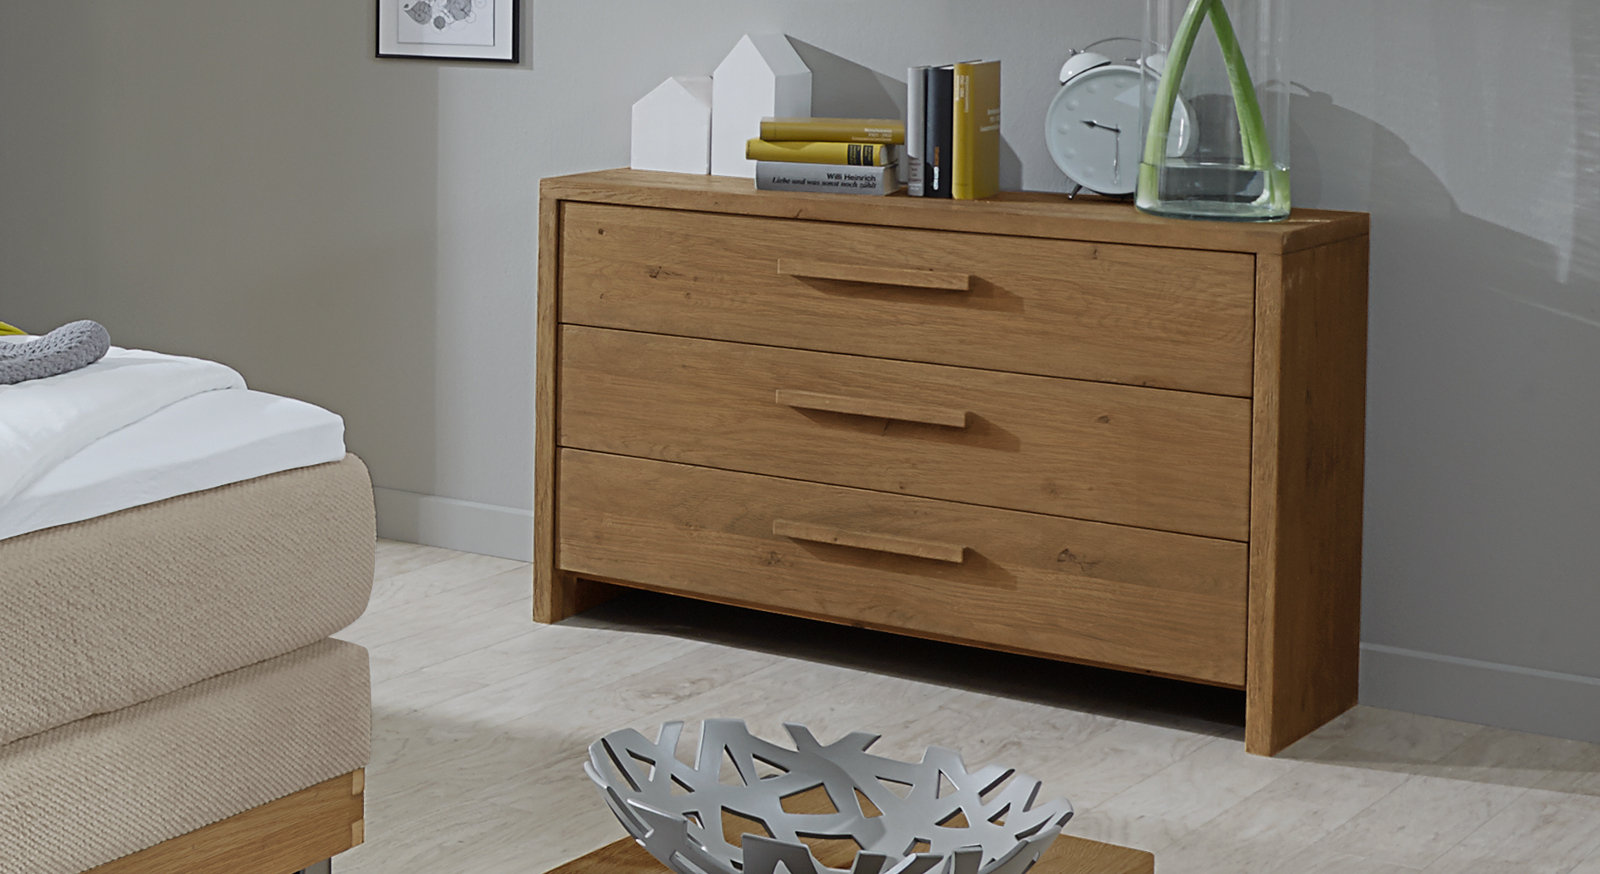 kommode curada aus wildeichenholz mit drei schubladen. Black Bedroom Furniture Sets. Home Design Ideas